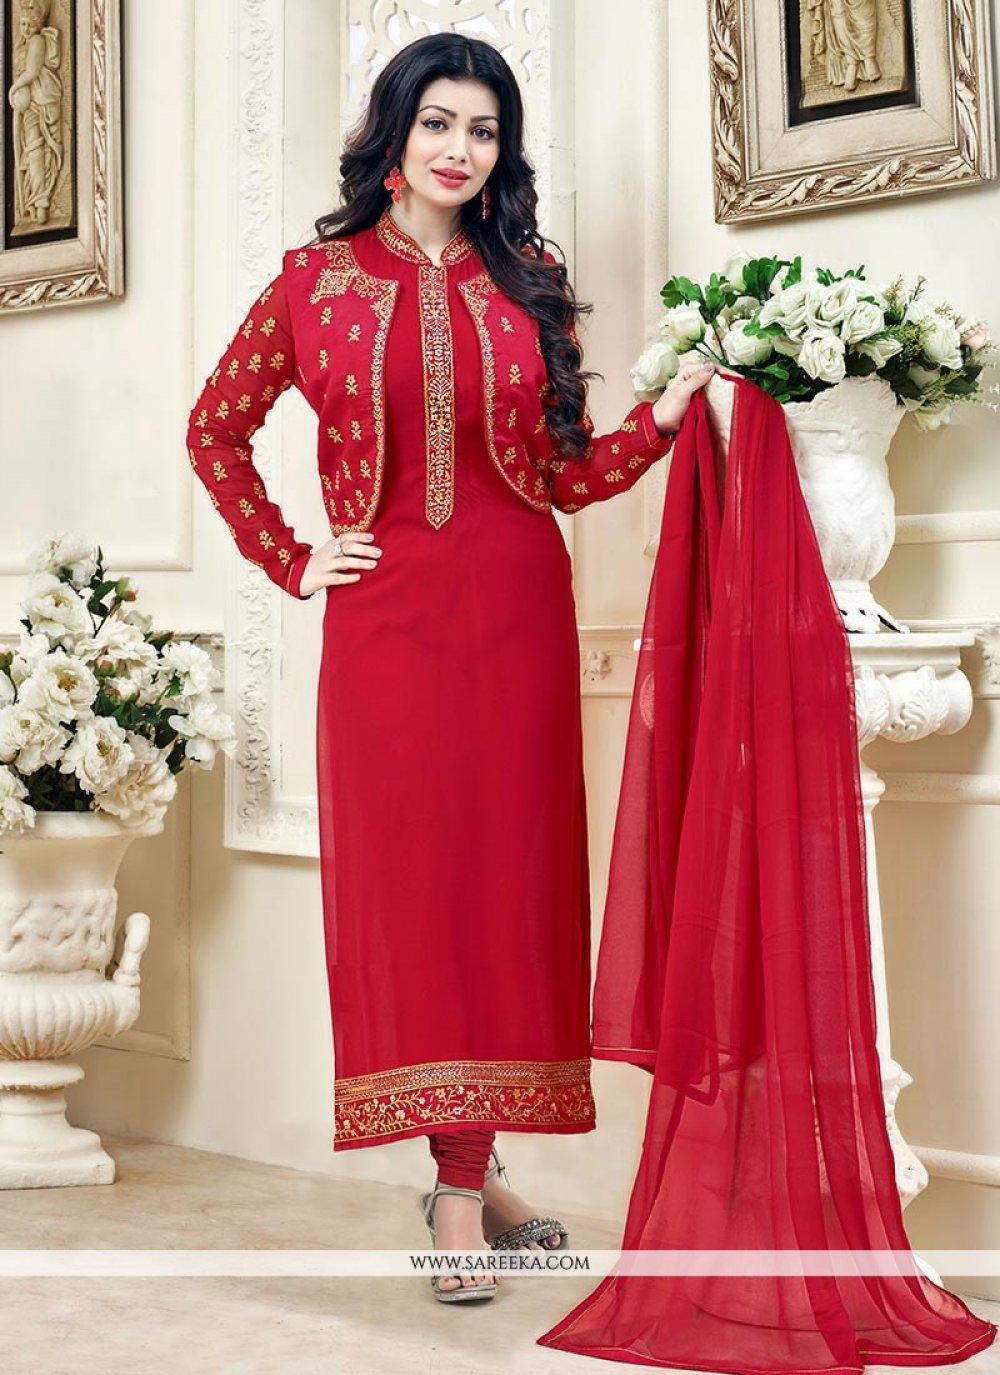 Ayesha Takia Red Lace Work Jacket Style Suit